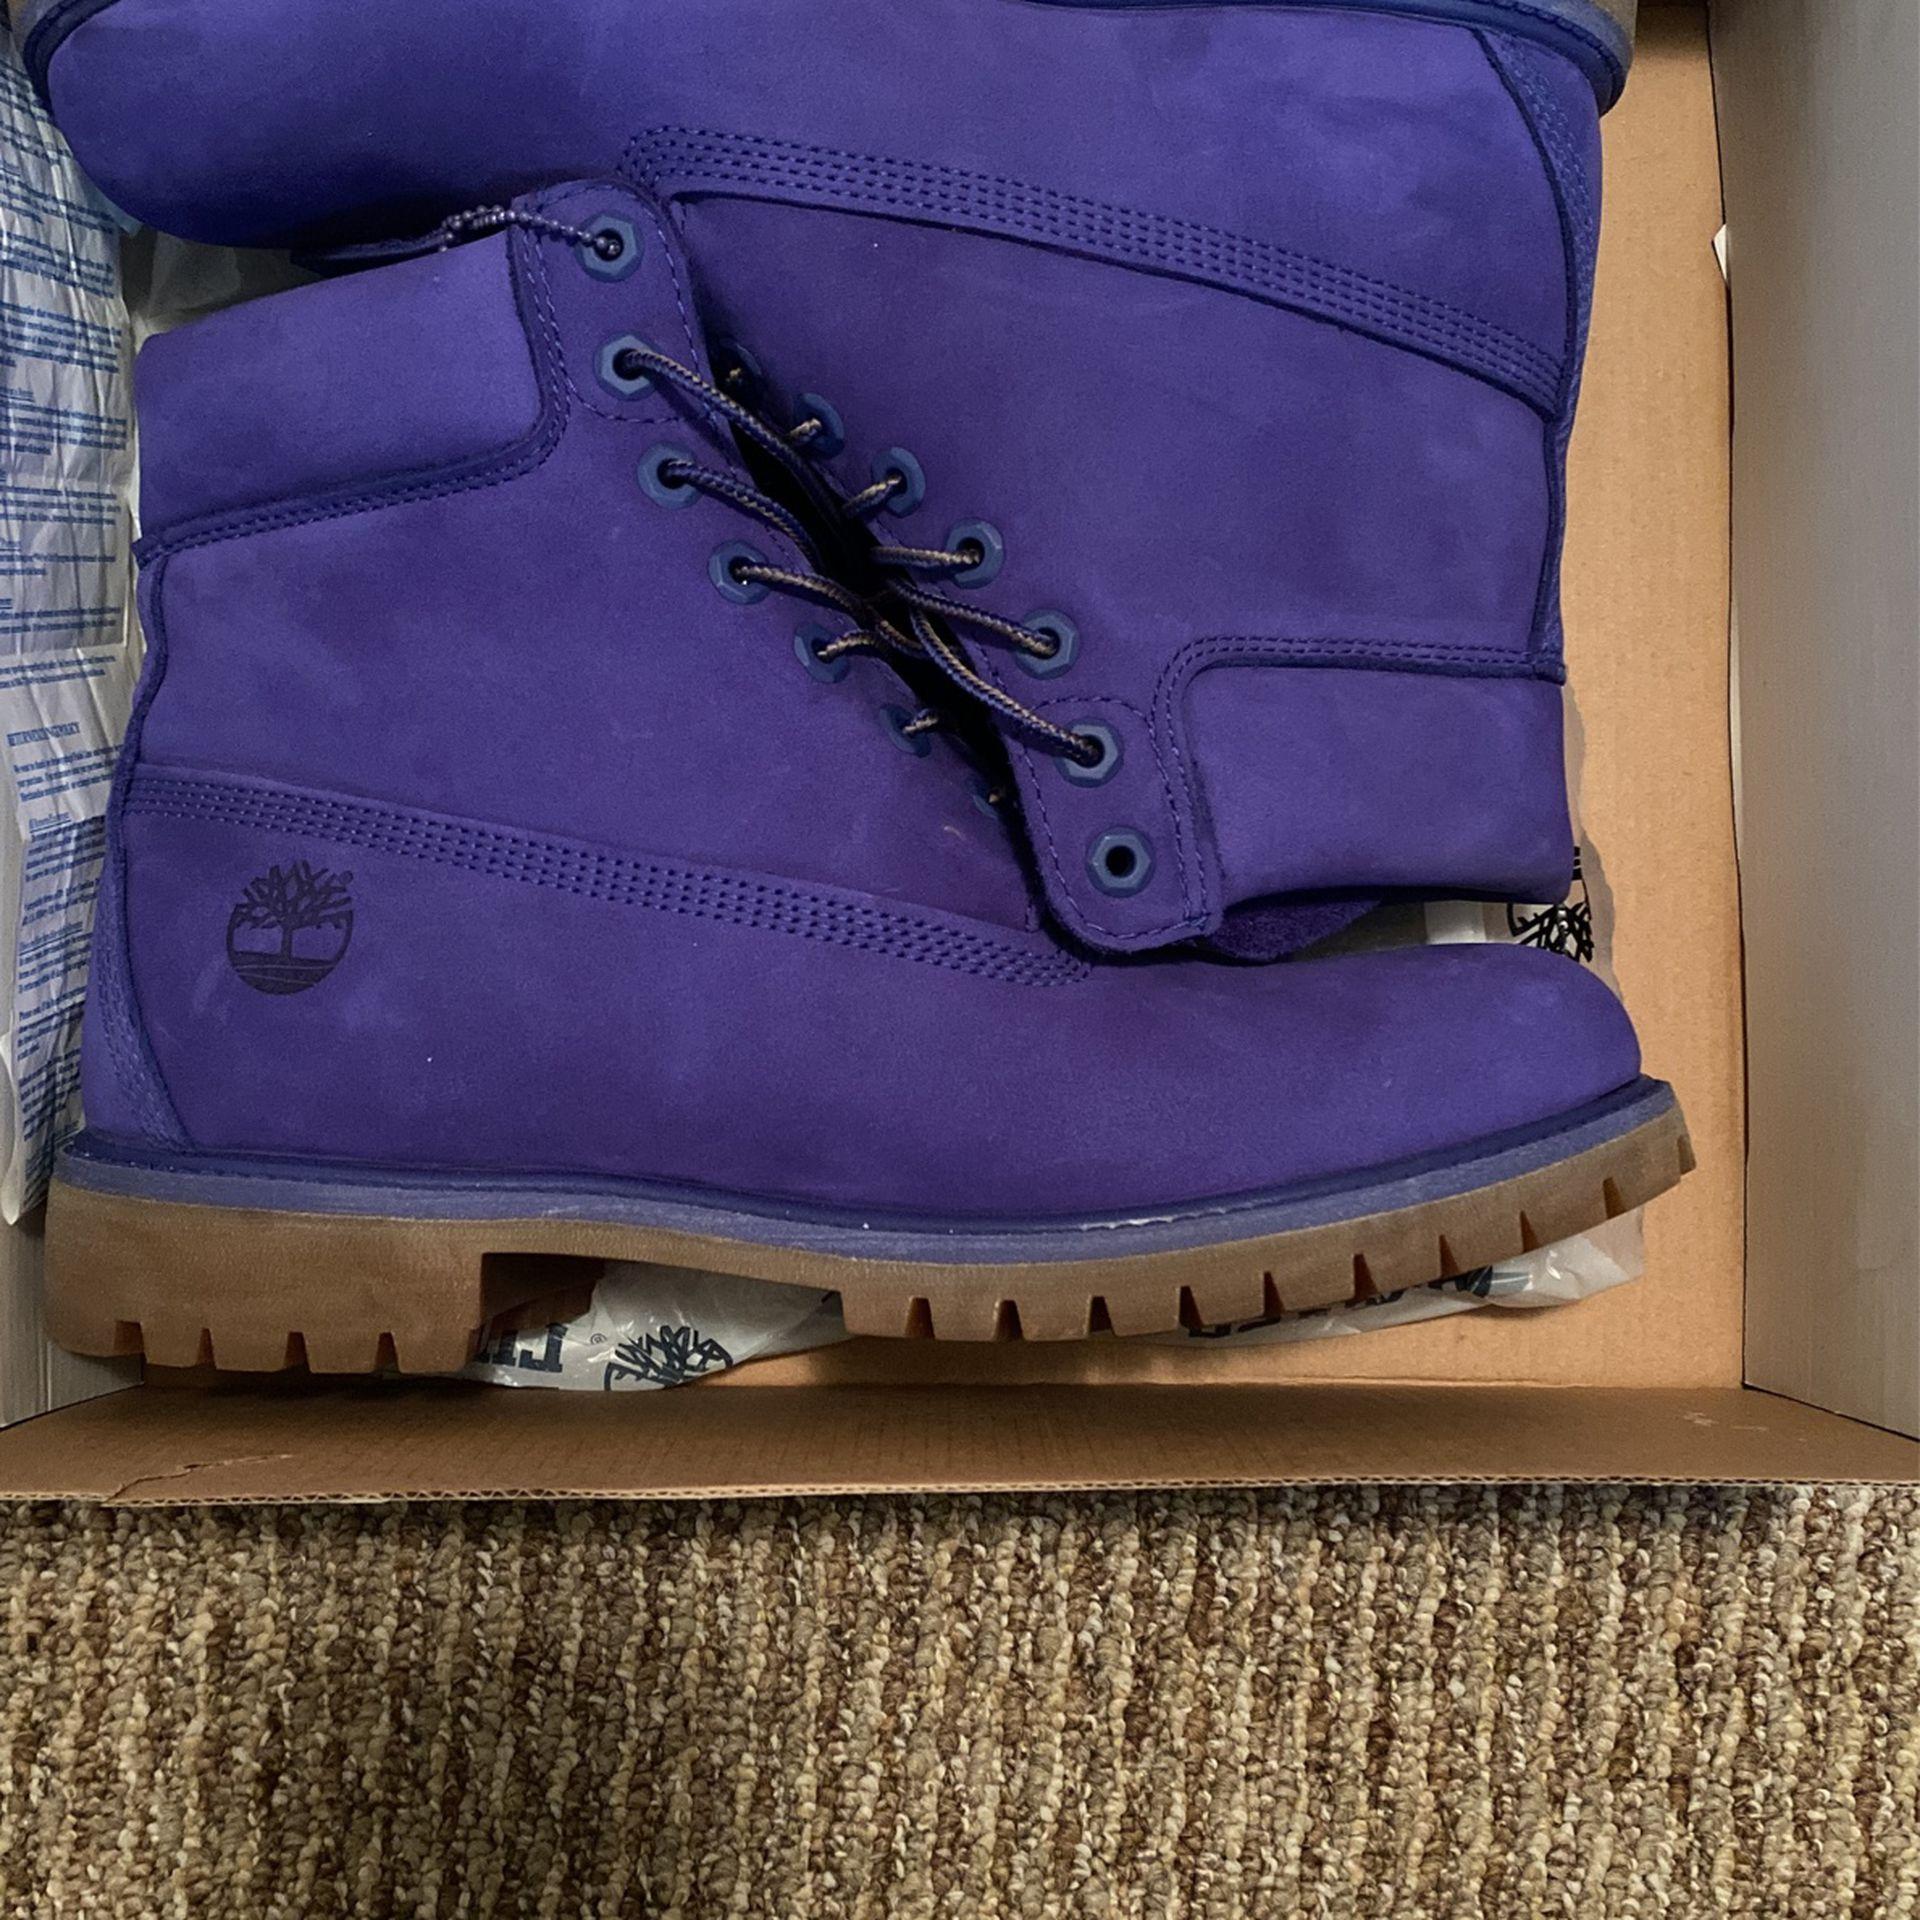 Men's Timberland Purple Size 9.5 Make An Offer